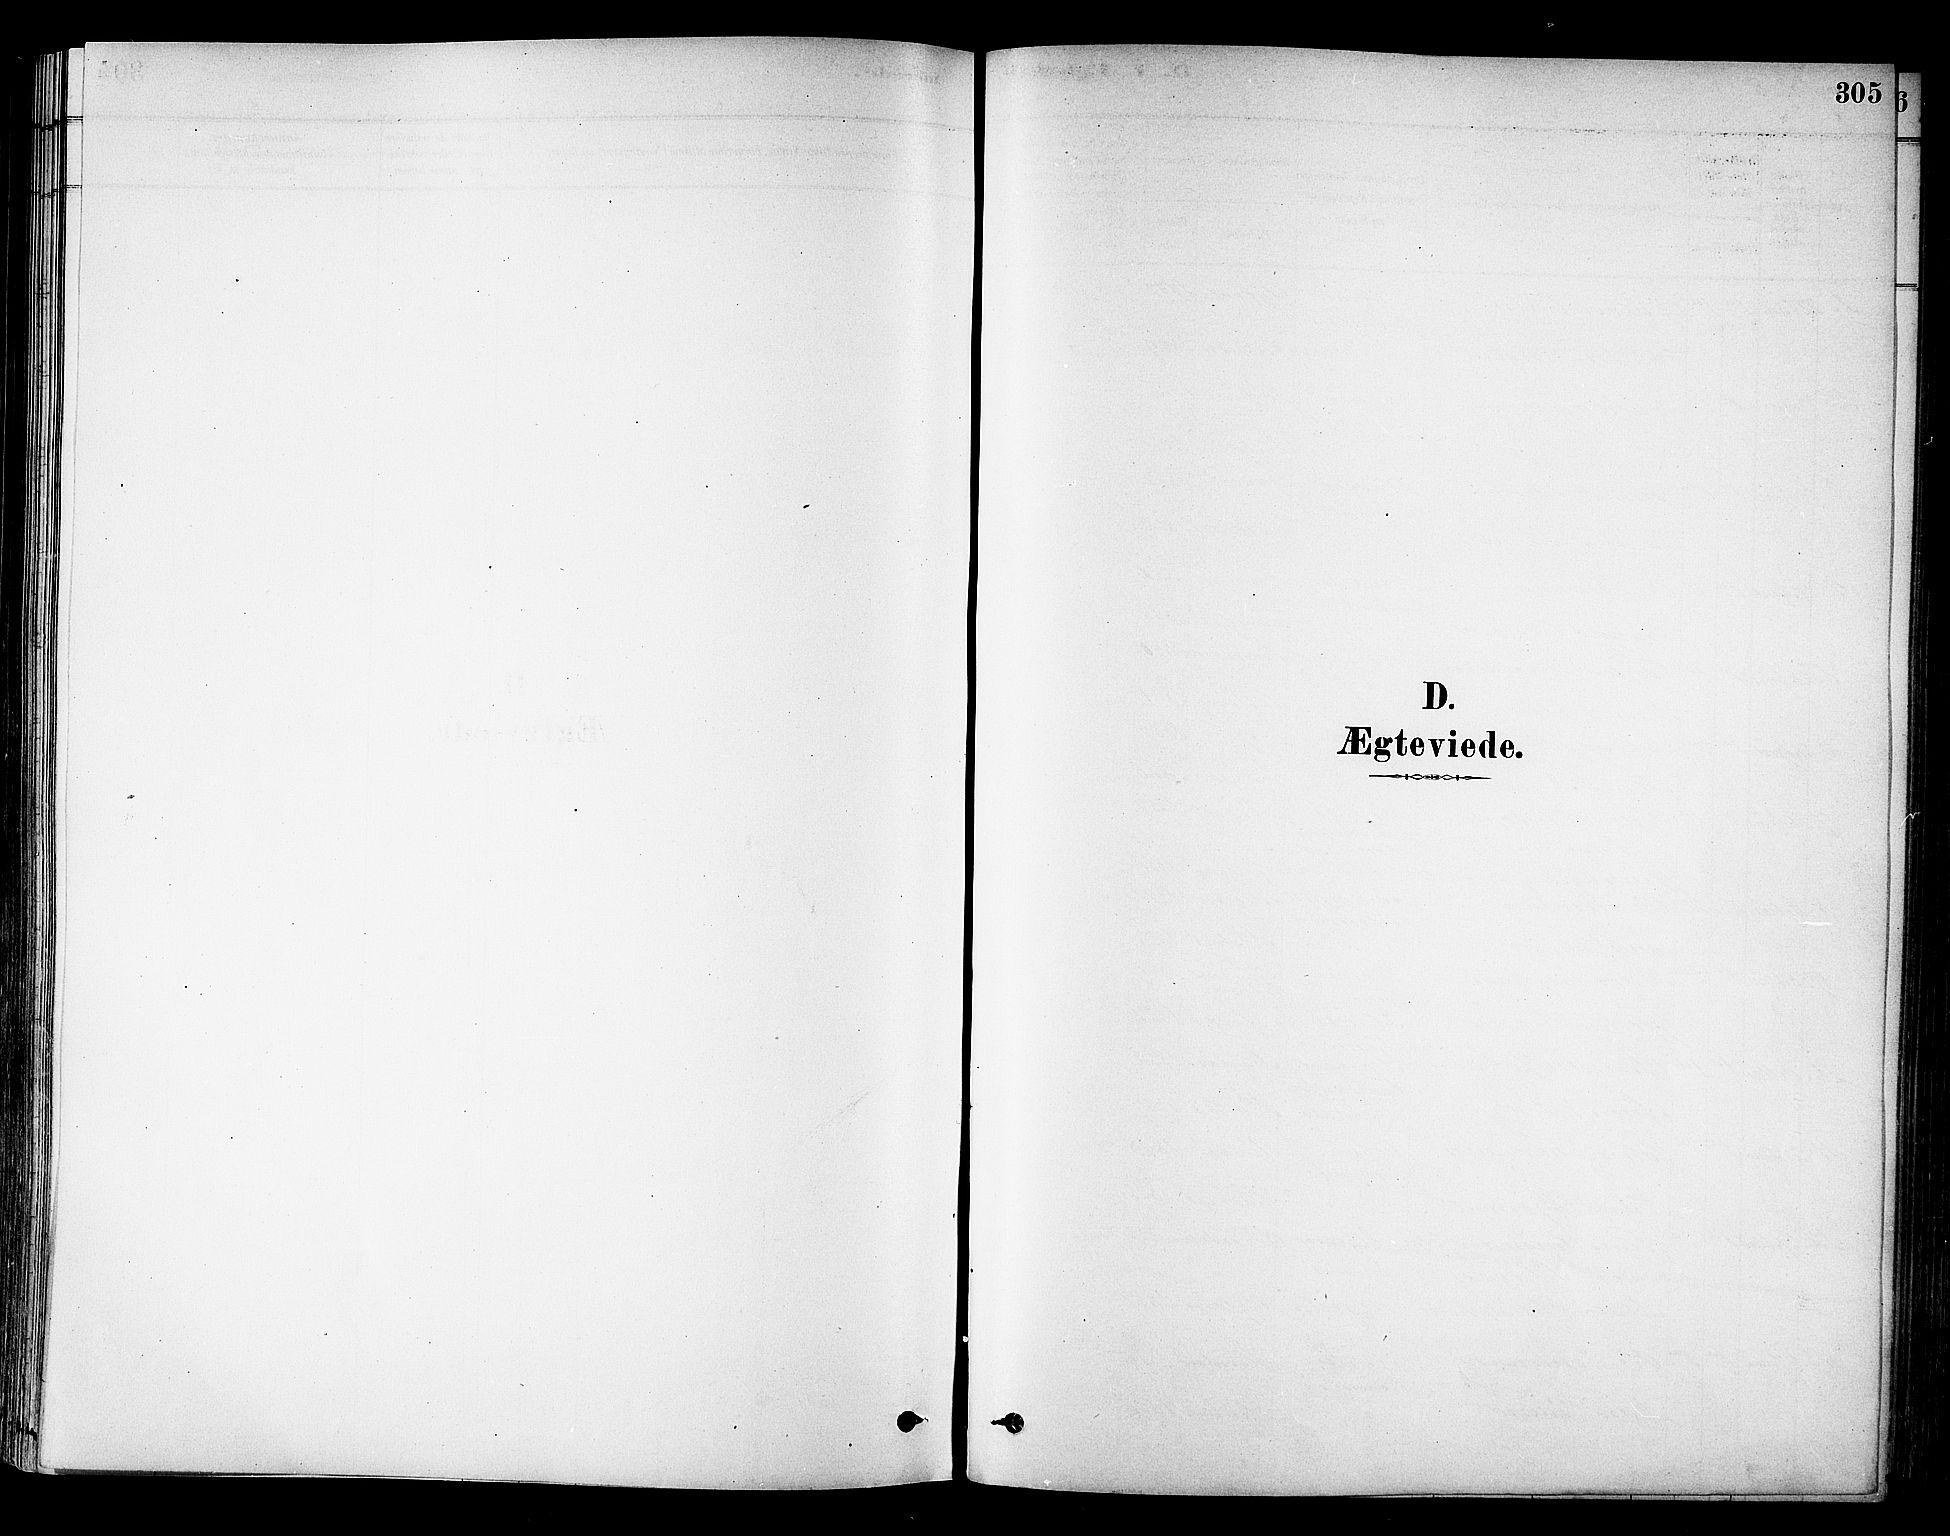 SAT, Ministerialprotokoller, klokkerbøker og fødselsregistre - Sør-Trøndelag, 695/L1148: Ministerialbok nr. 695A08, 1878-1891, s. 305